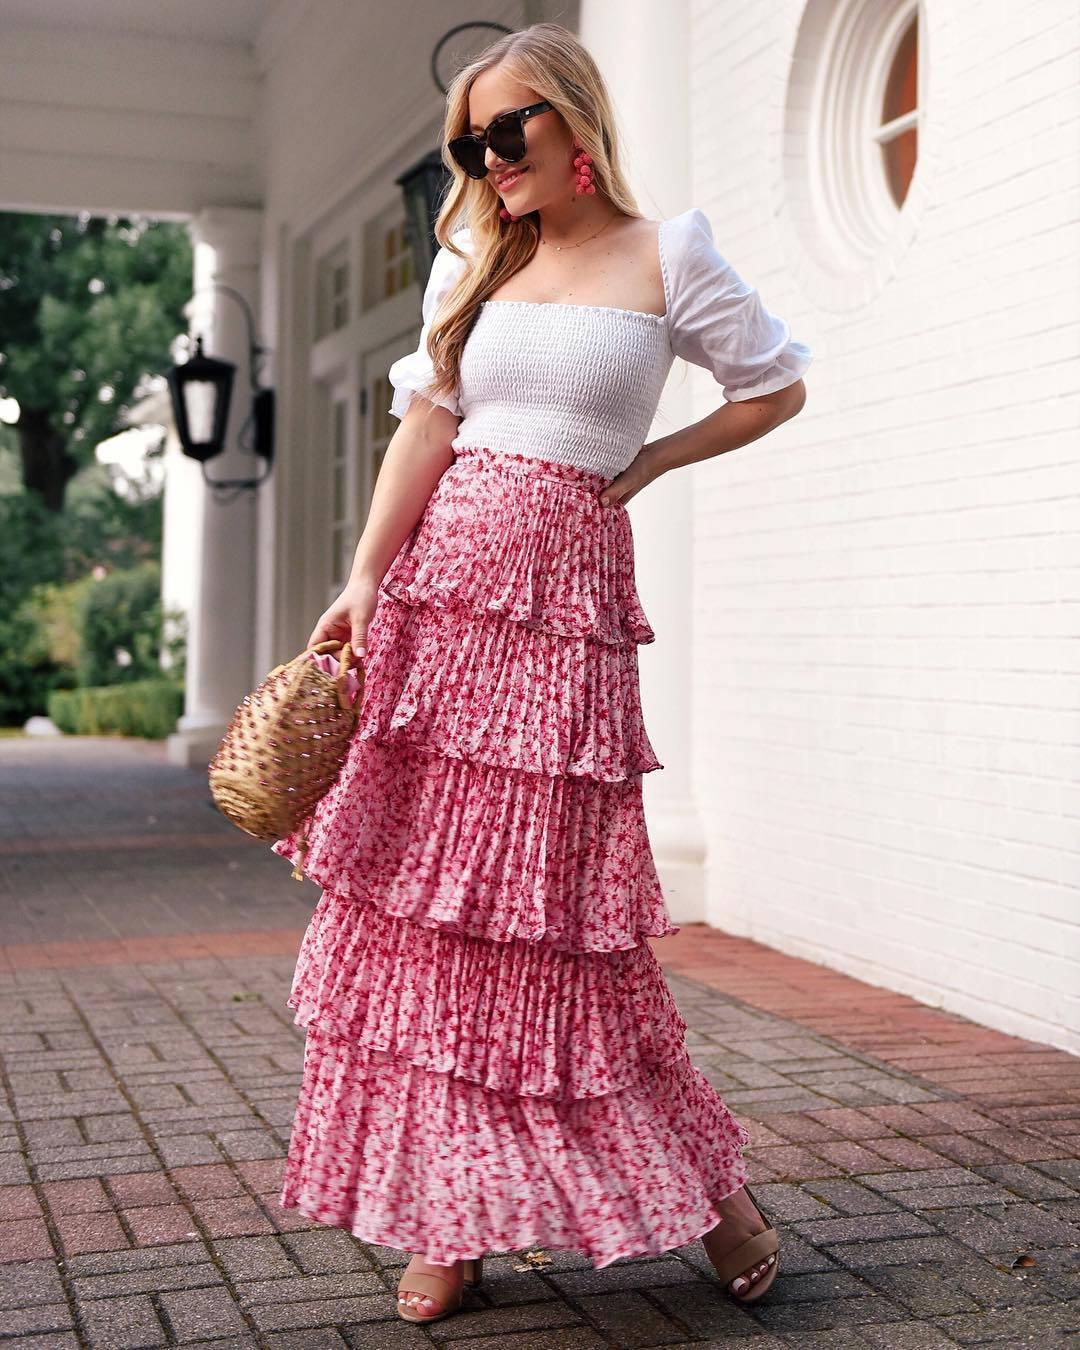 skirt maxi skirt ruffle floral skirt sandal heels woven bag white top